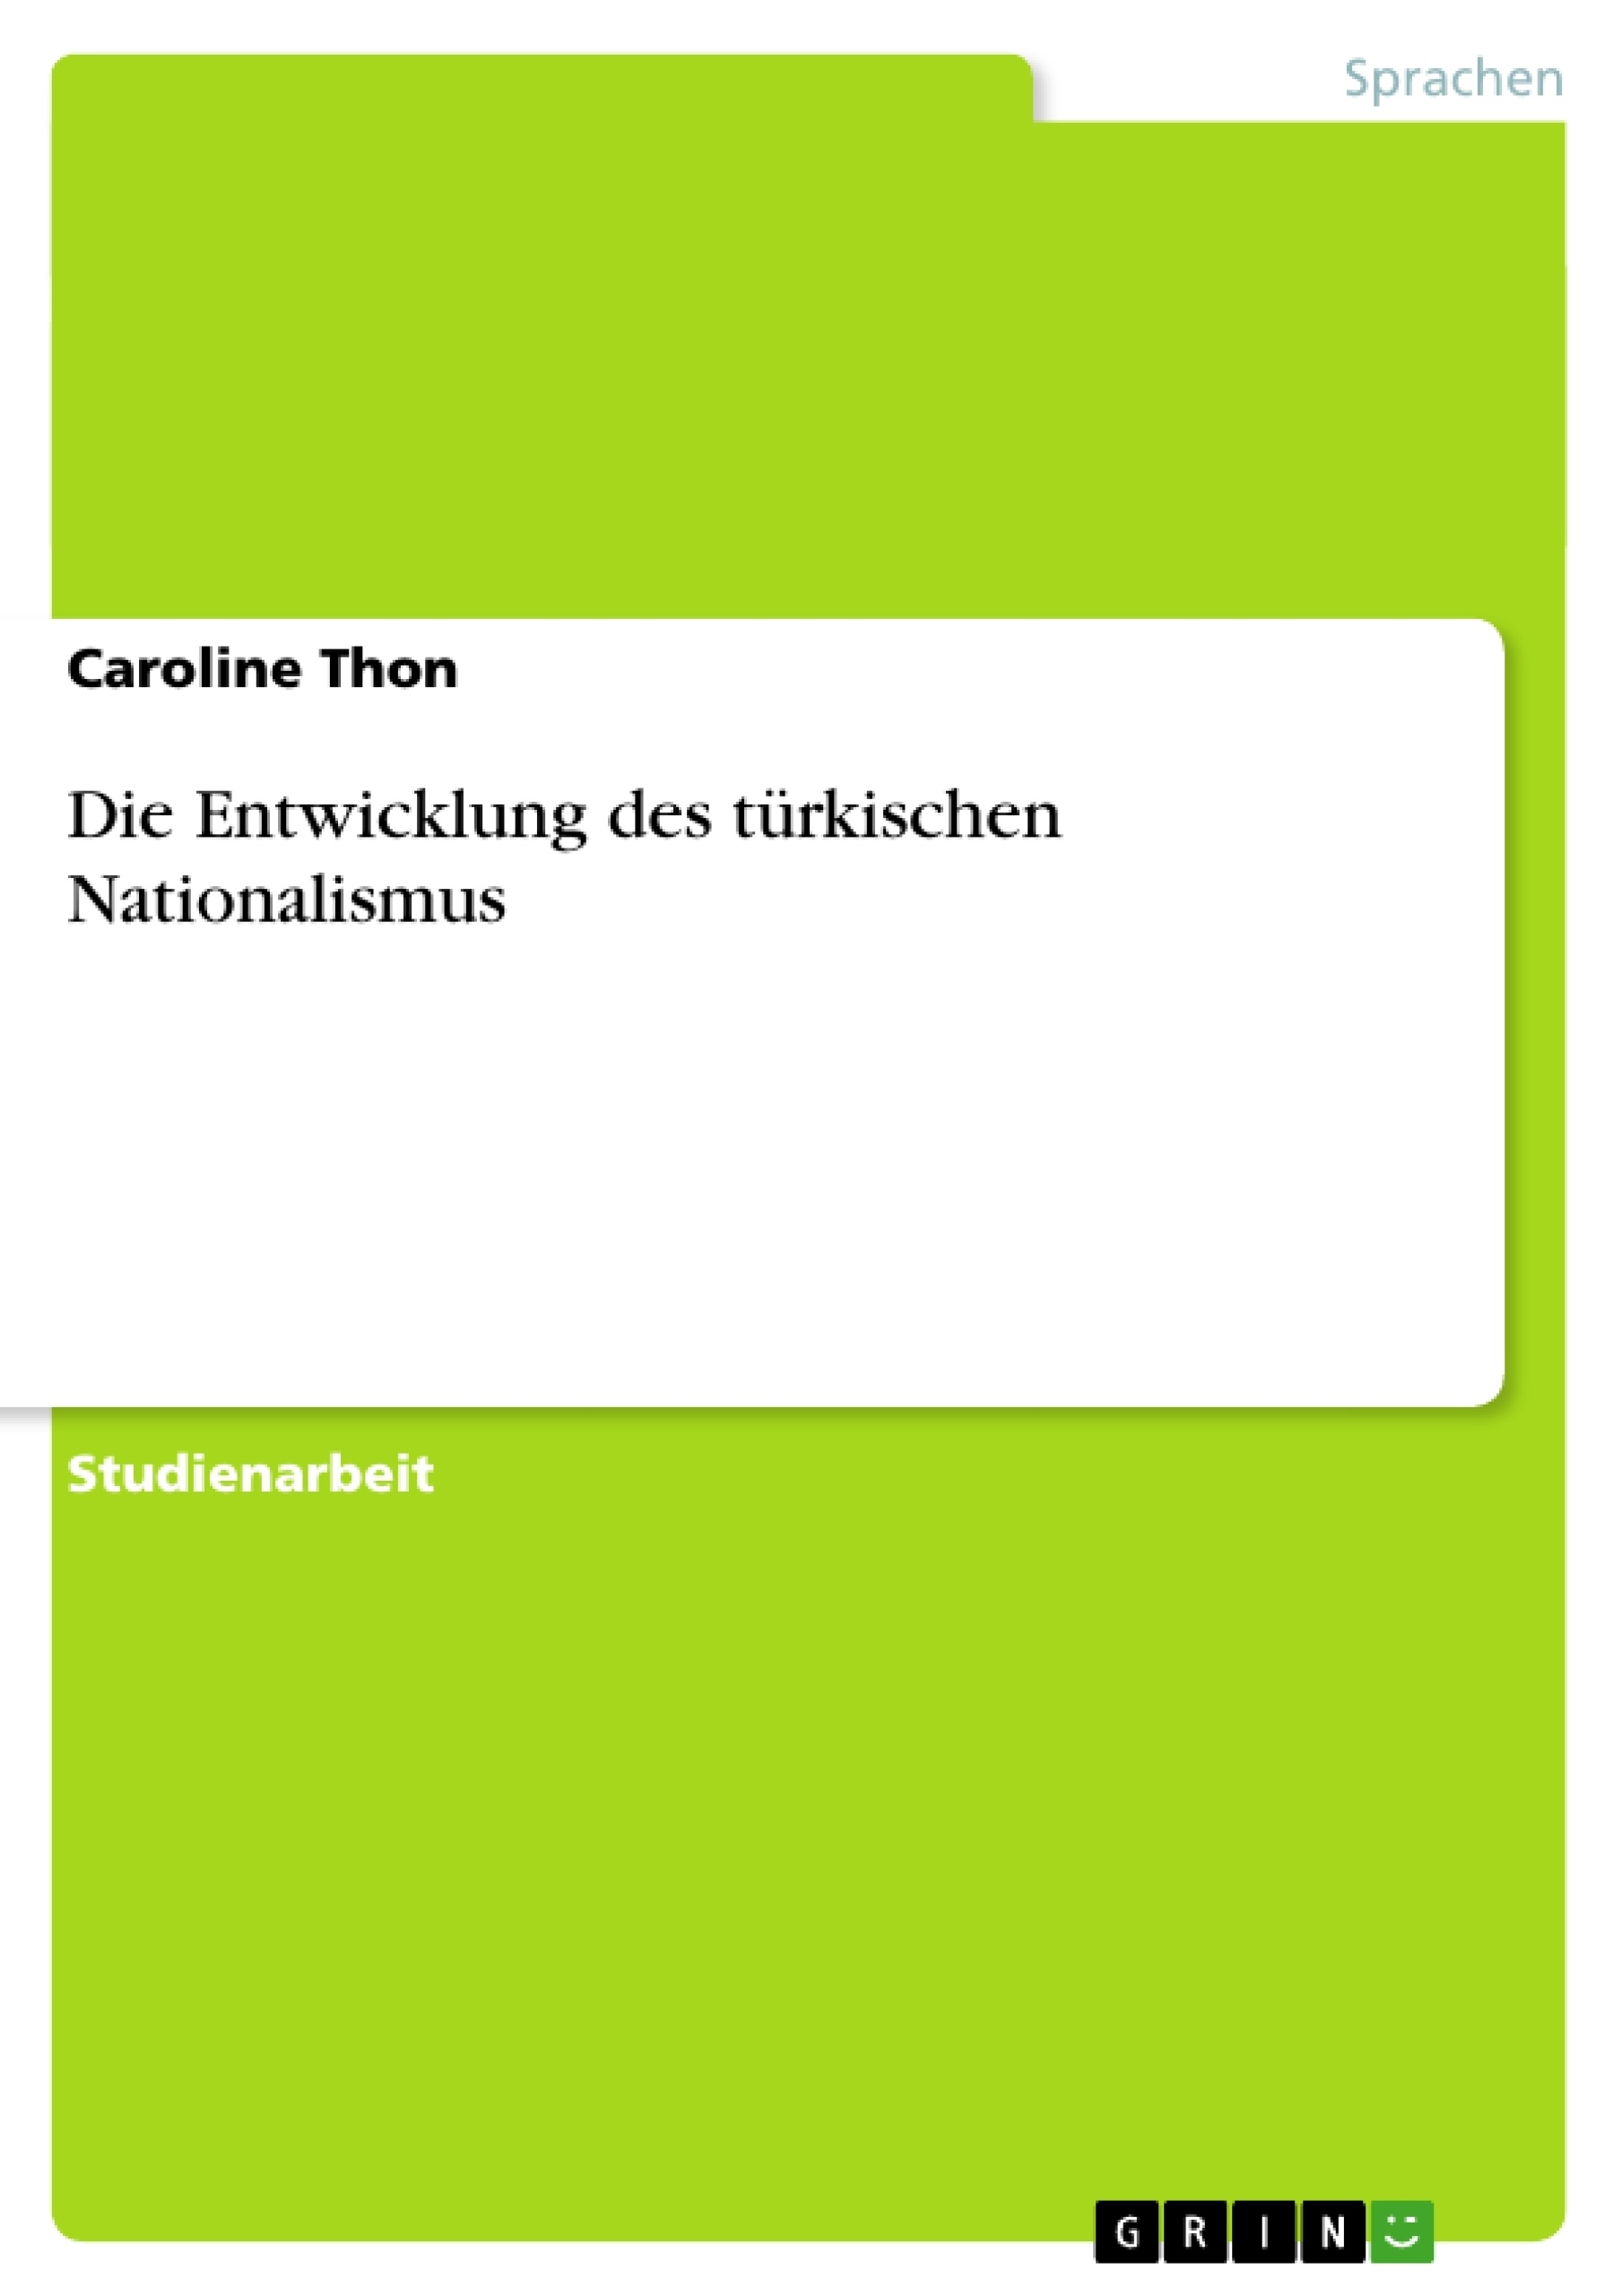 Titel: Die Entwicklung des türkischen Nationalismus